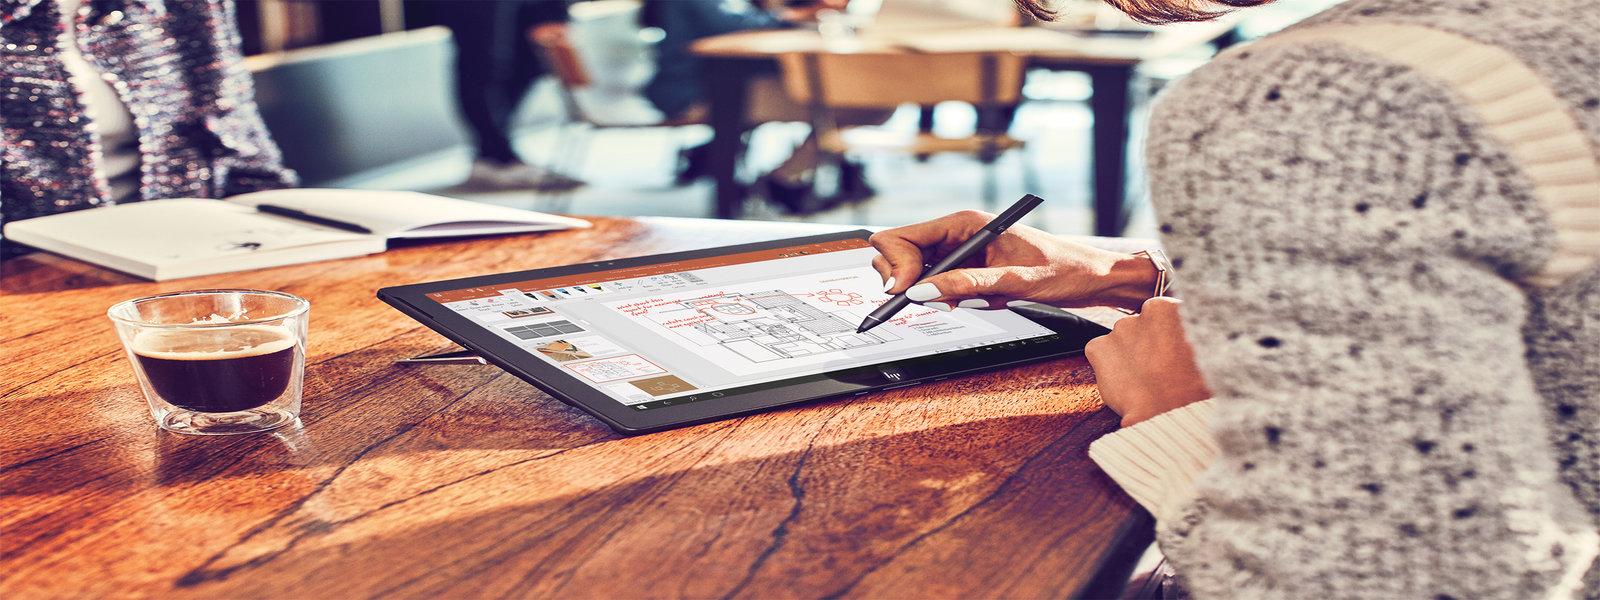 Mulher usando um stylus em um dispositivo em um café